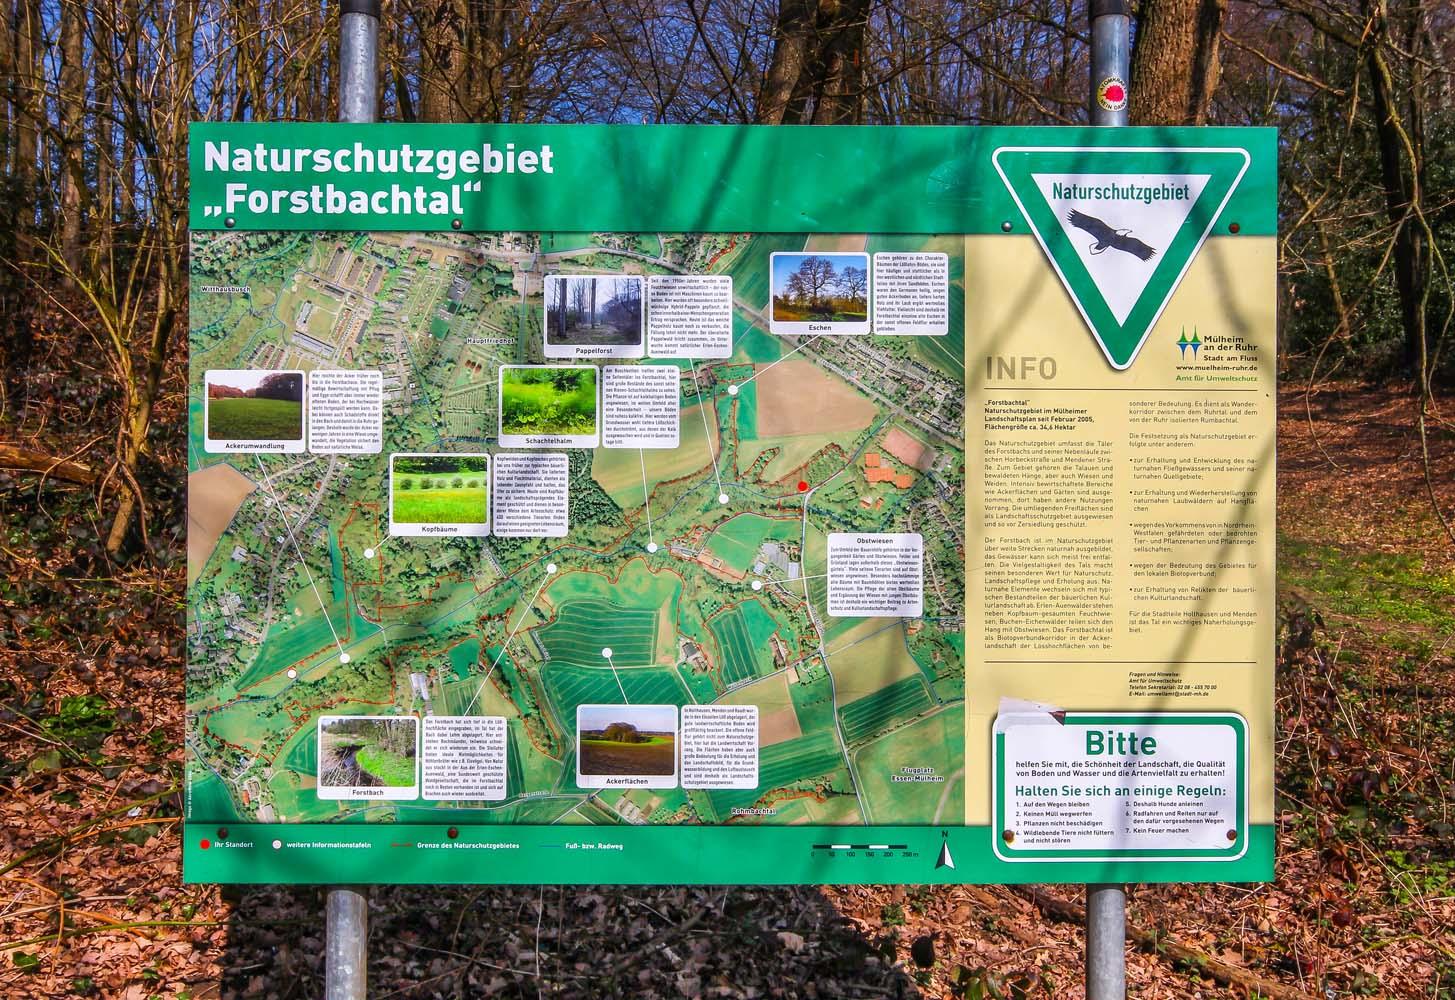 wohnen in mülheim-raadt, wohnnen in muelheim-raadt, Wohnung kaufen in Raadt, Wohnung kaufen in Mülheim, Wohnung kaufen in Muelheim_Wanderwege NSG Forstbachtal